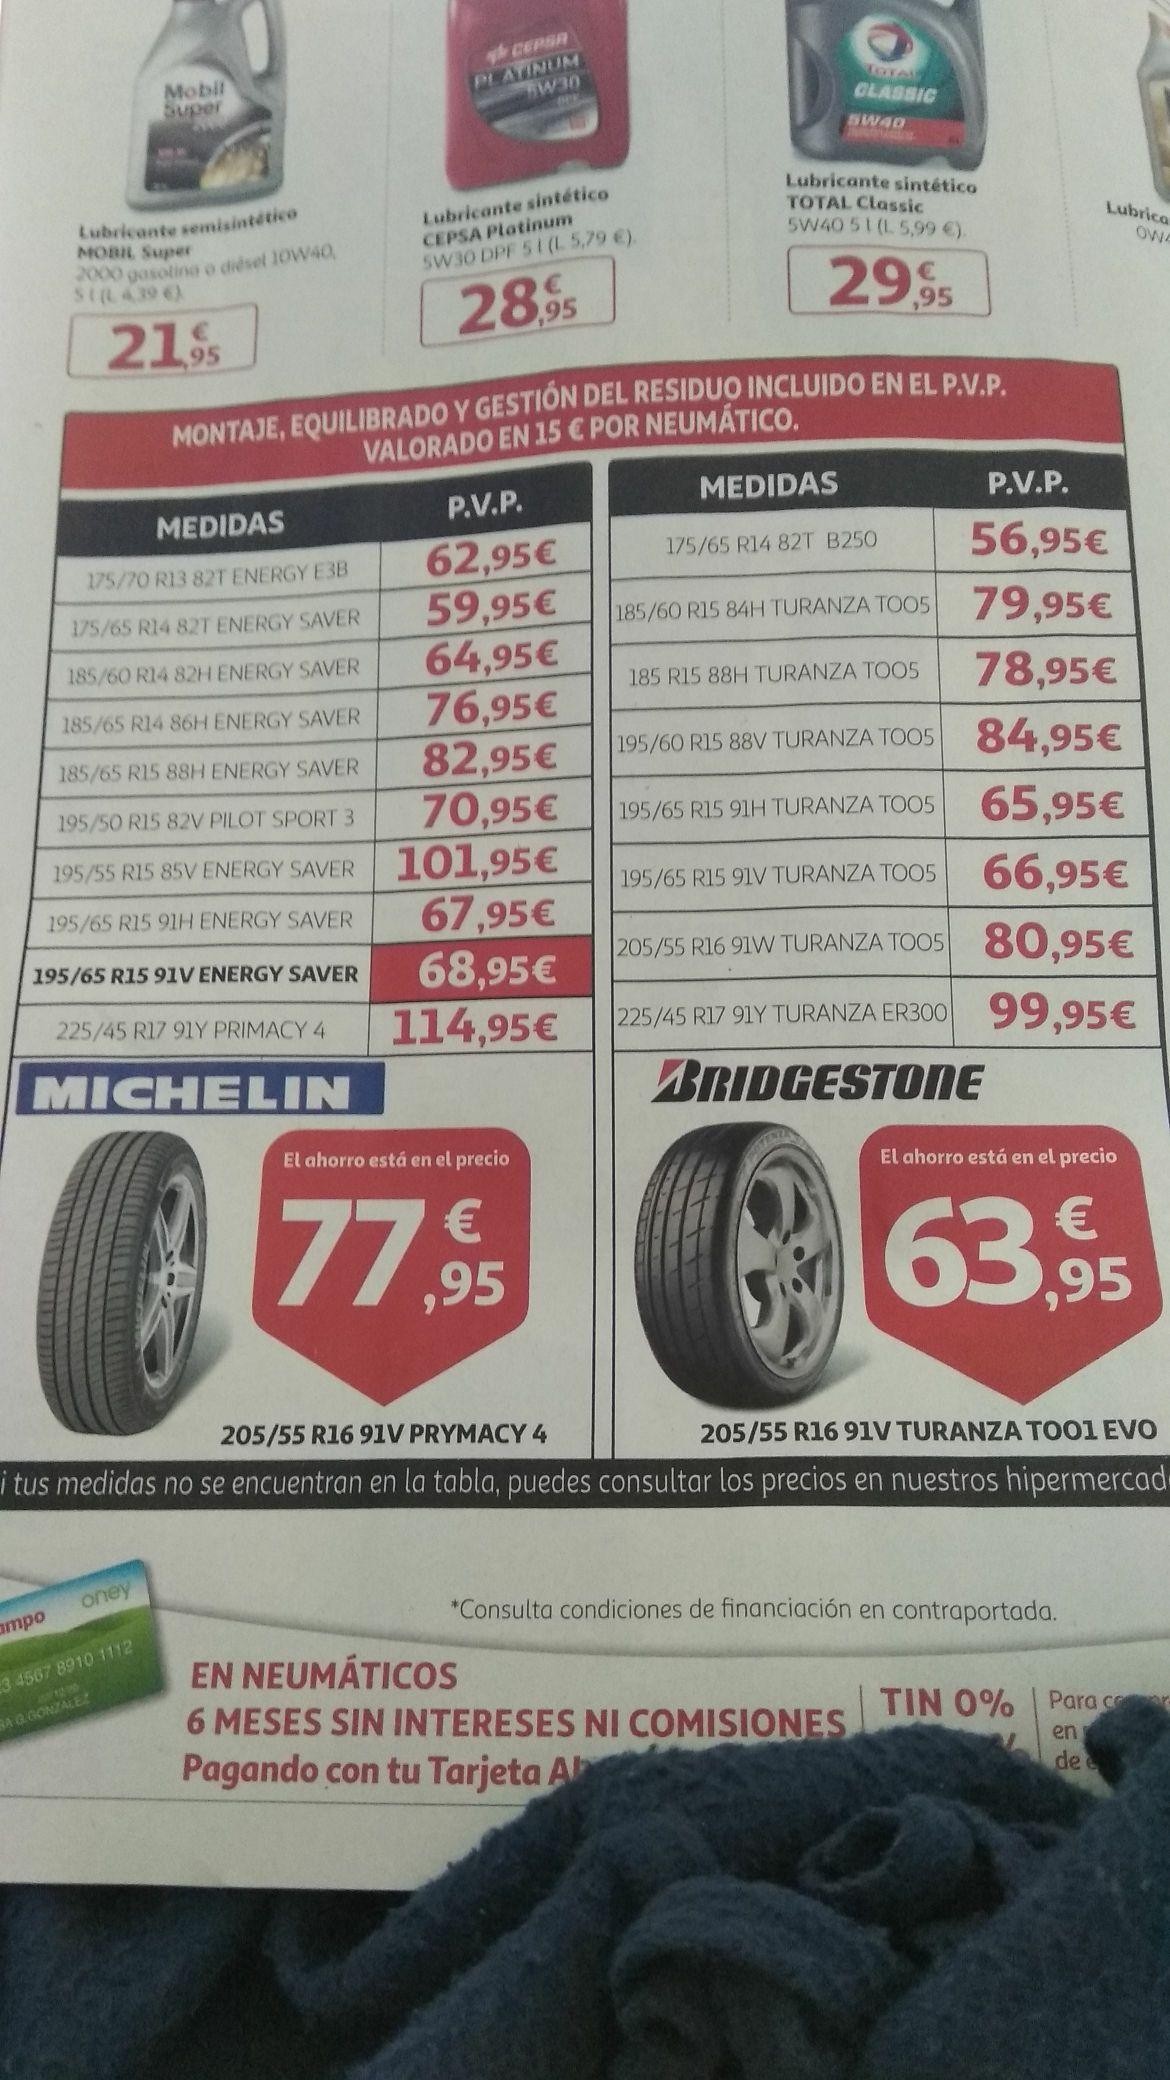 Oferta de neumáticos y montaje en Alcampo